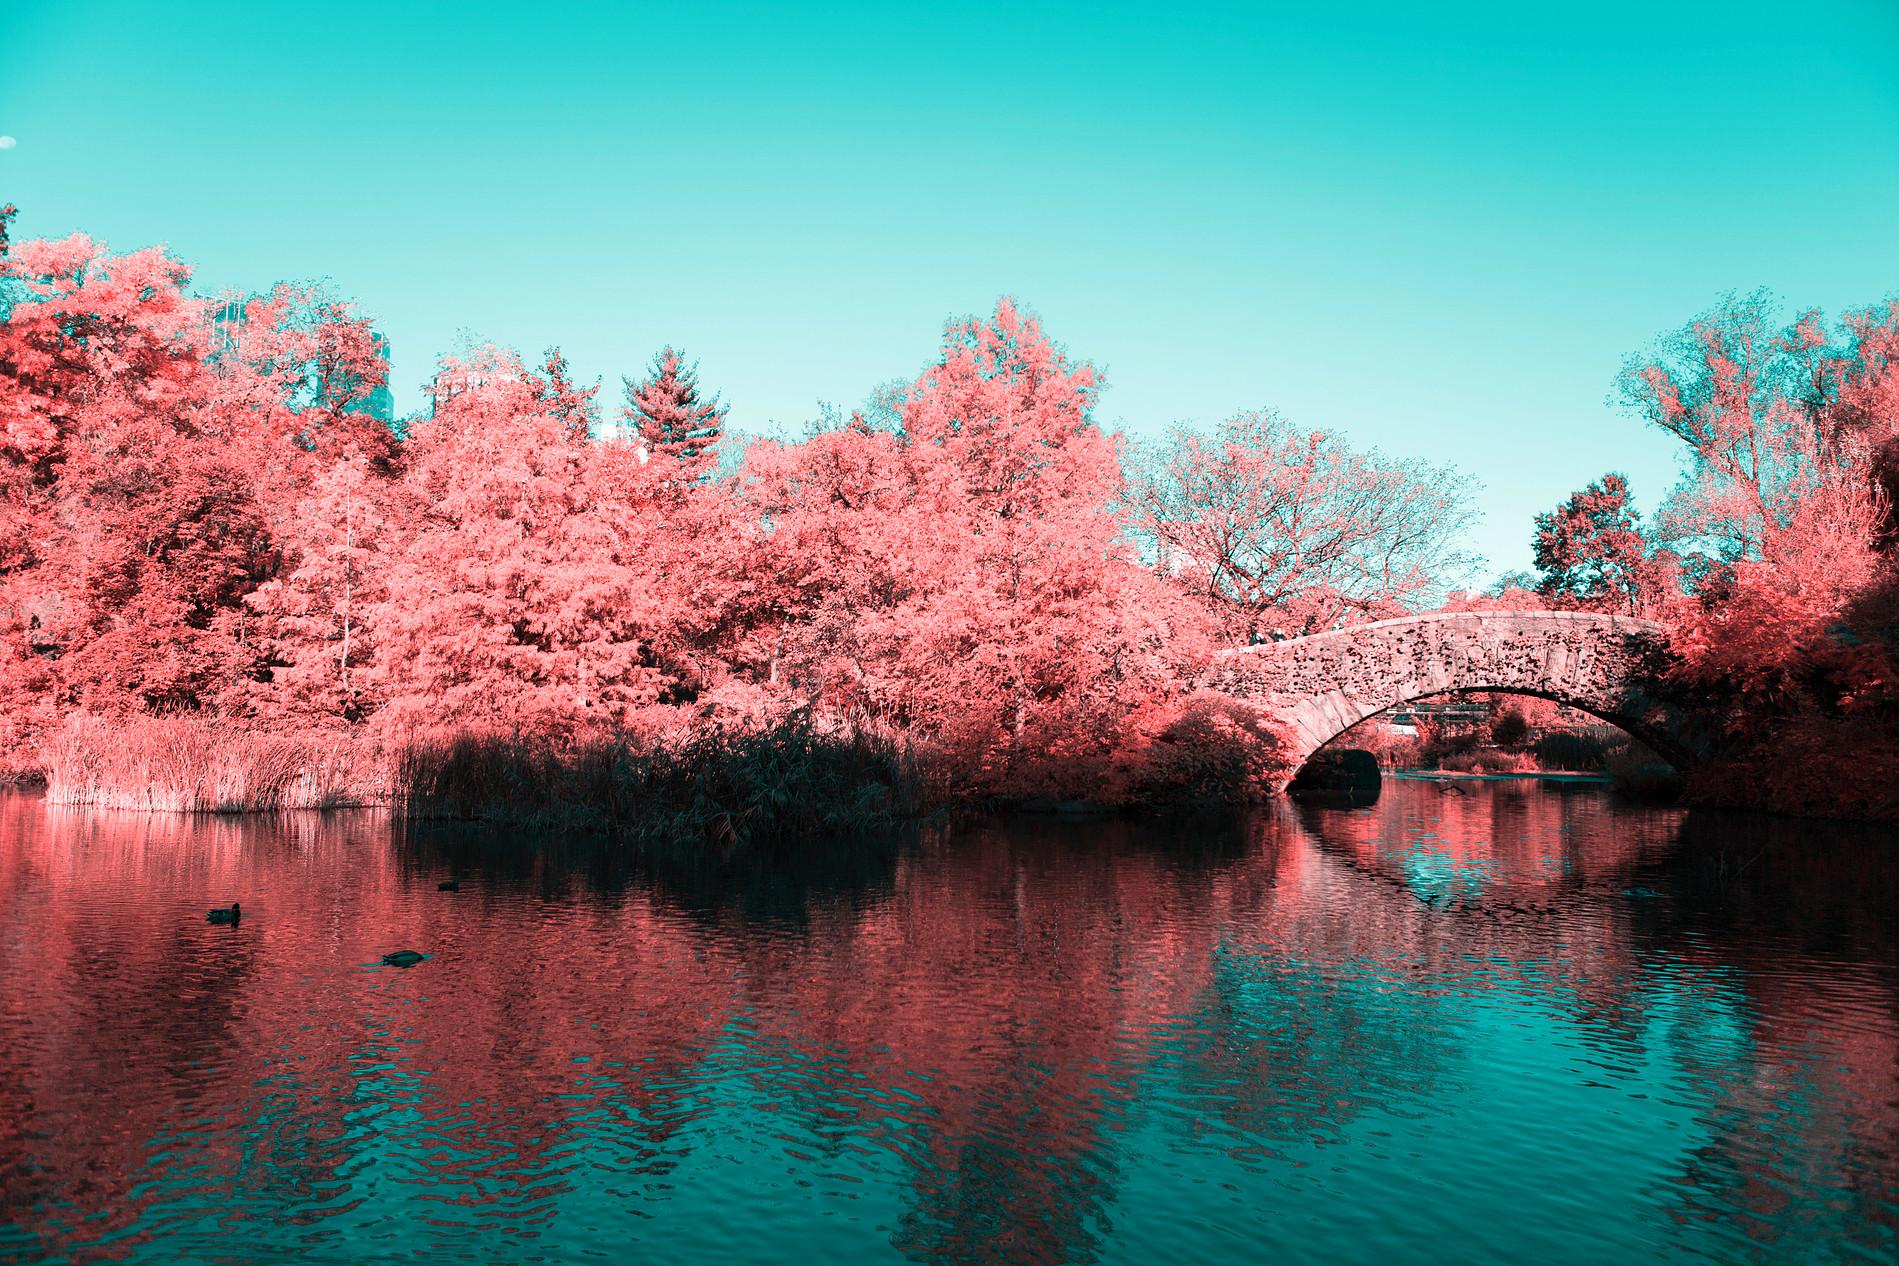 La New York ad infrarossi del fotografo Paolo Pettigiani | Collater.al 13